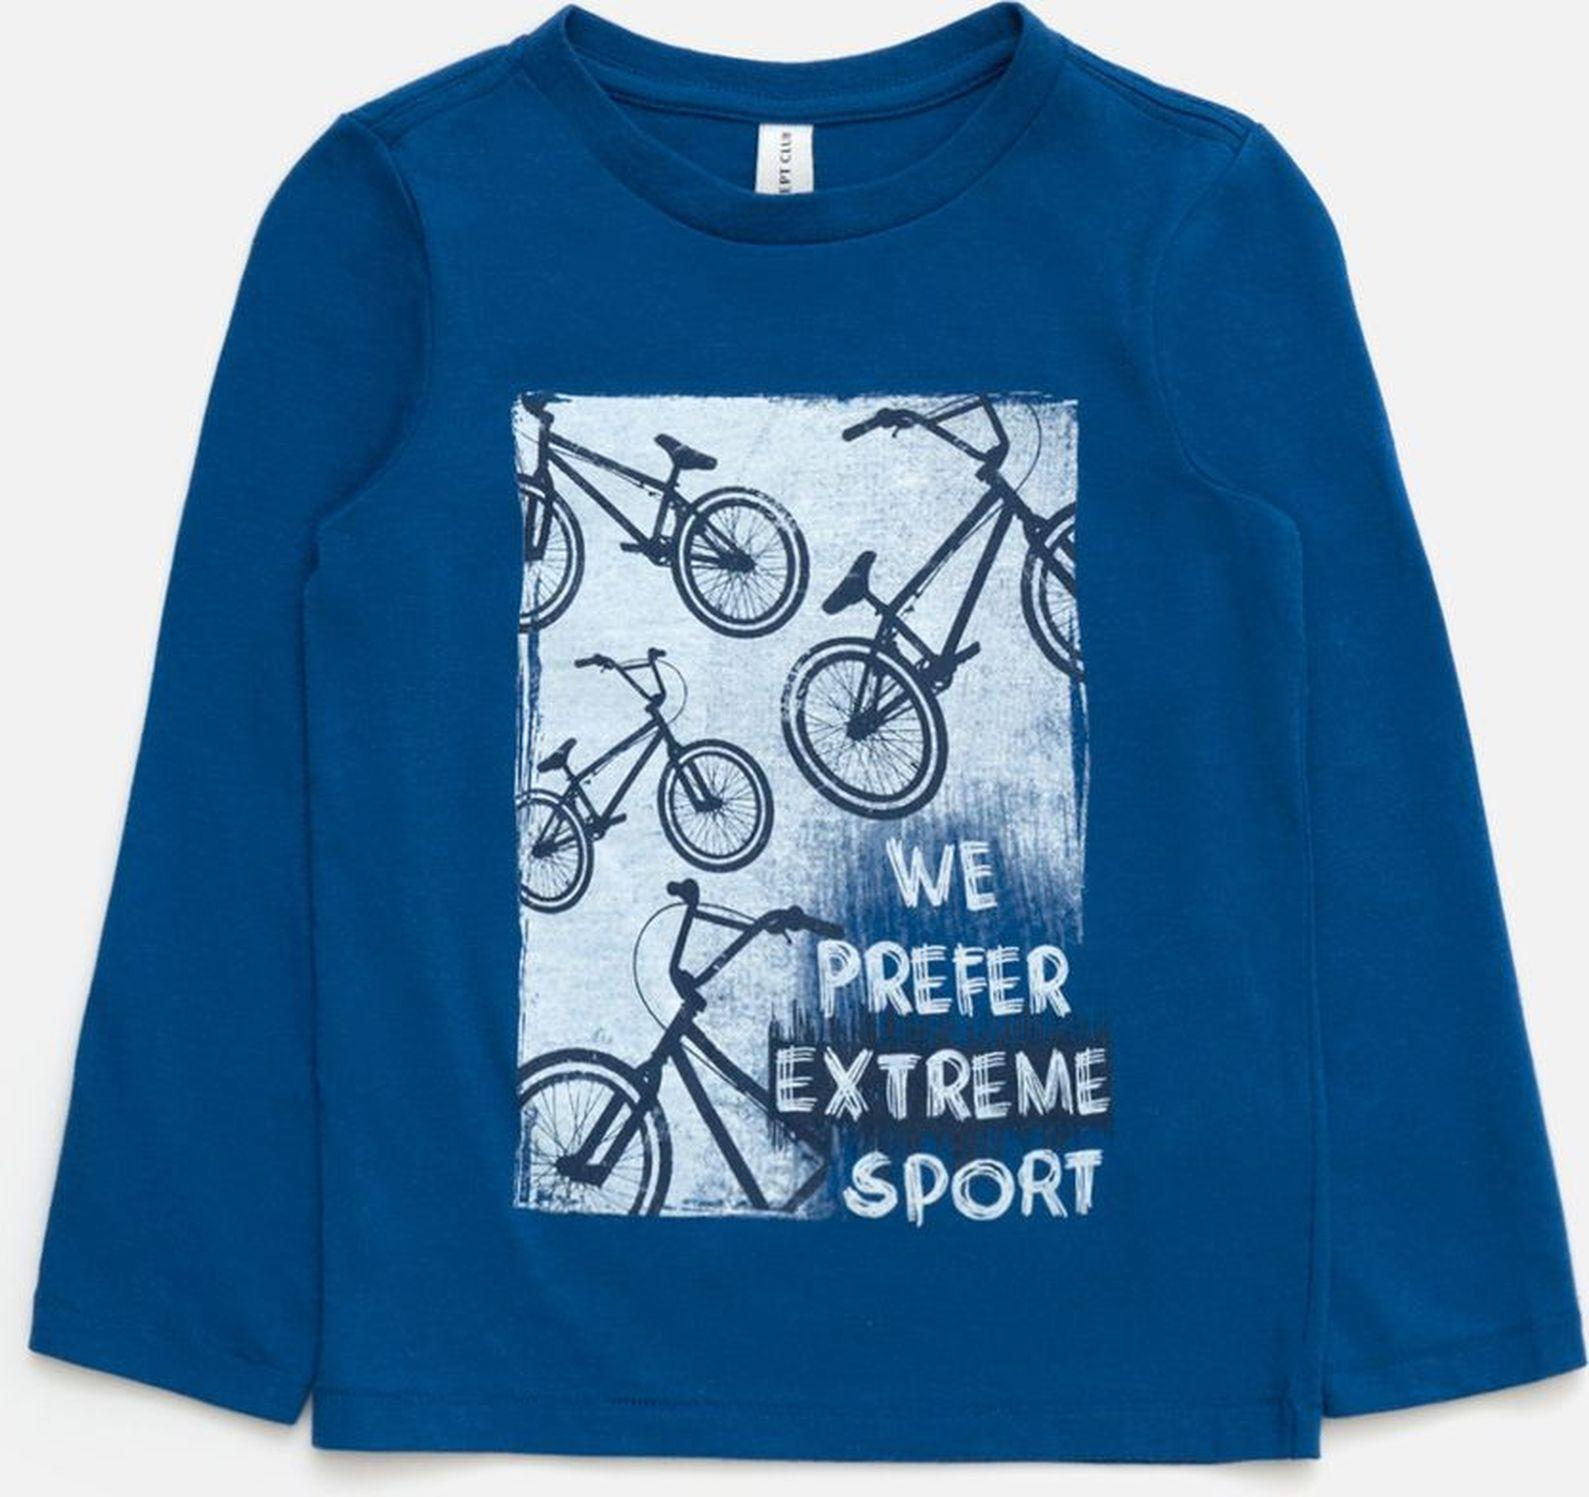 Джемпер для мальчика Concept Club Globe, цвет: синий. 10120170027_500. Размер 9810120170027_500Джемпер детский для мальчиков Globe синий